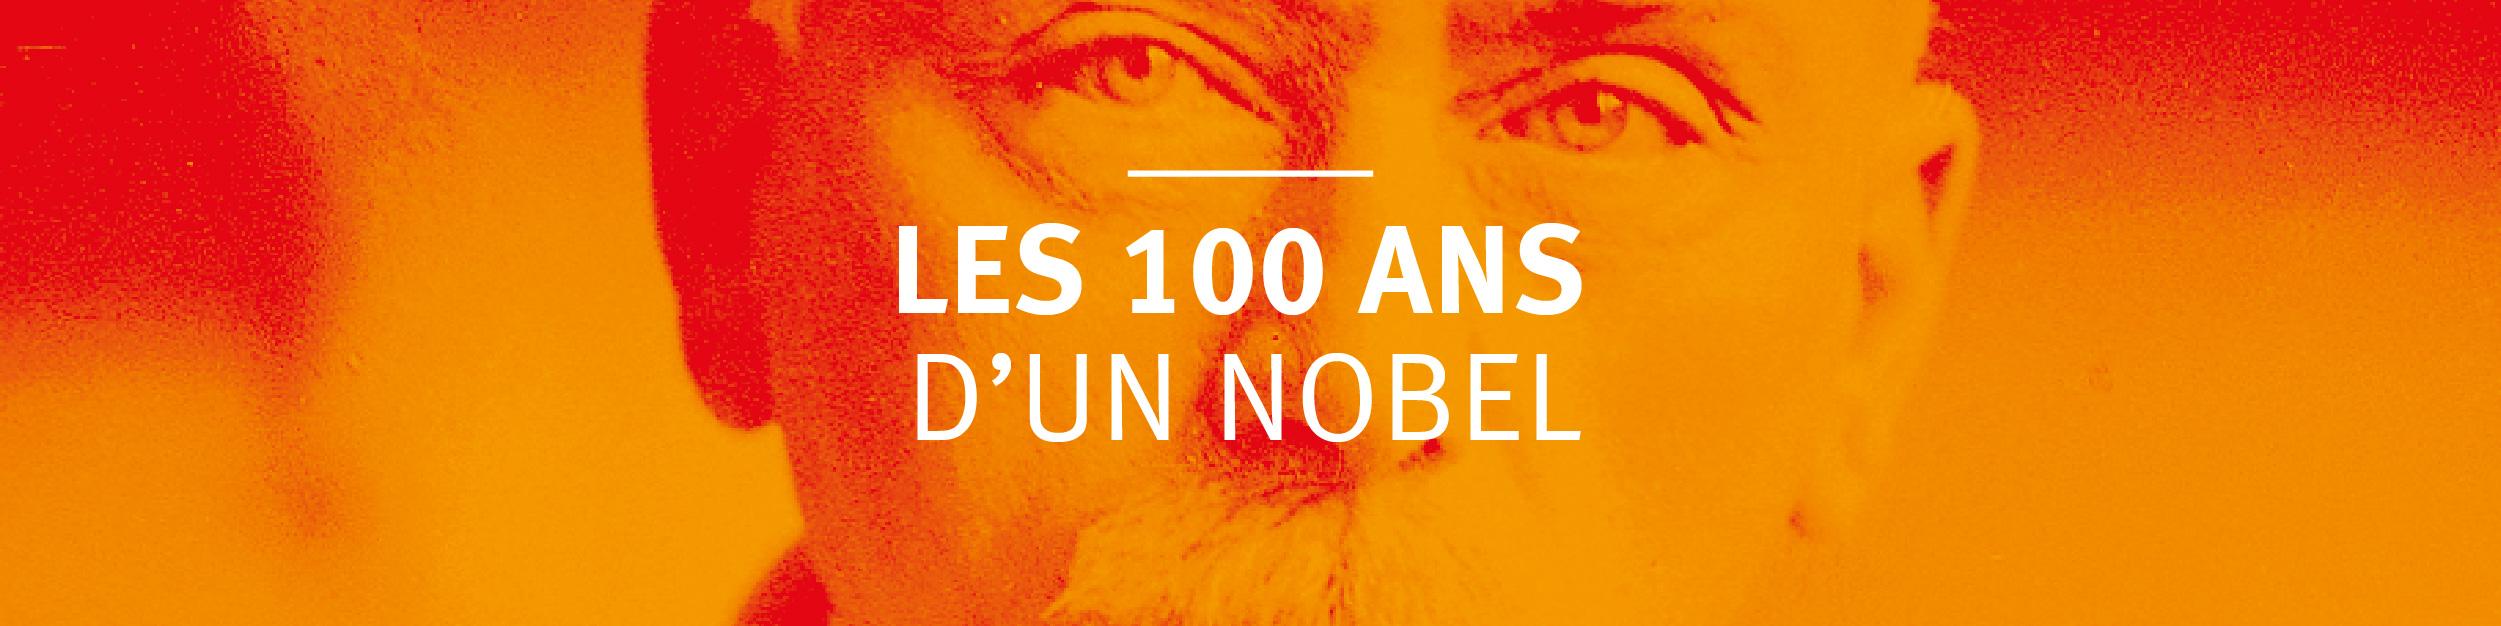 Les 100 ans d'un Nobel – Visites guidées gratuites pour l'UAE